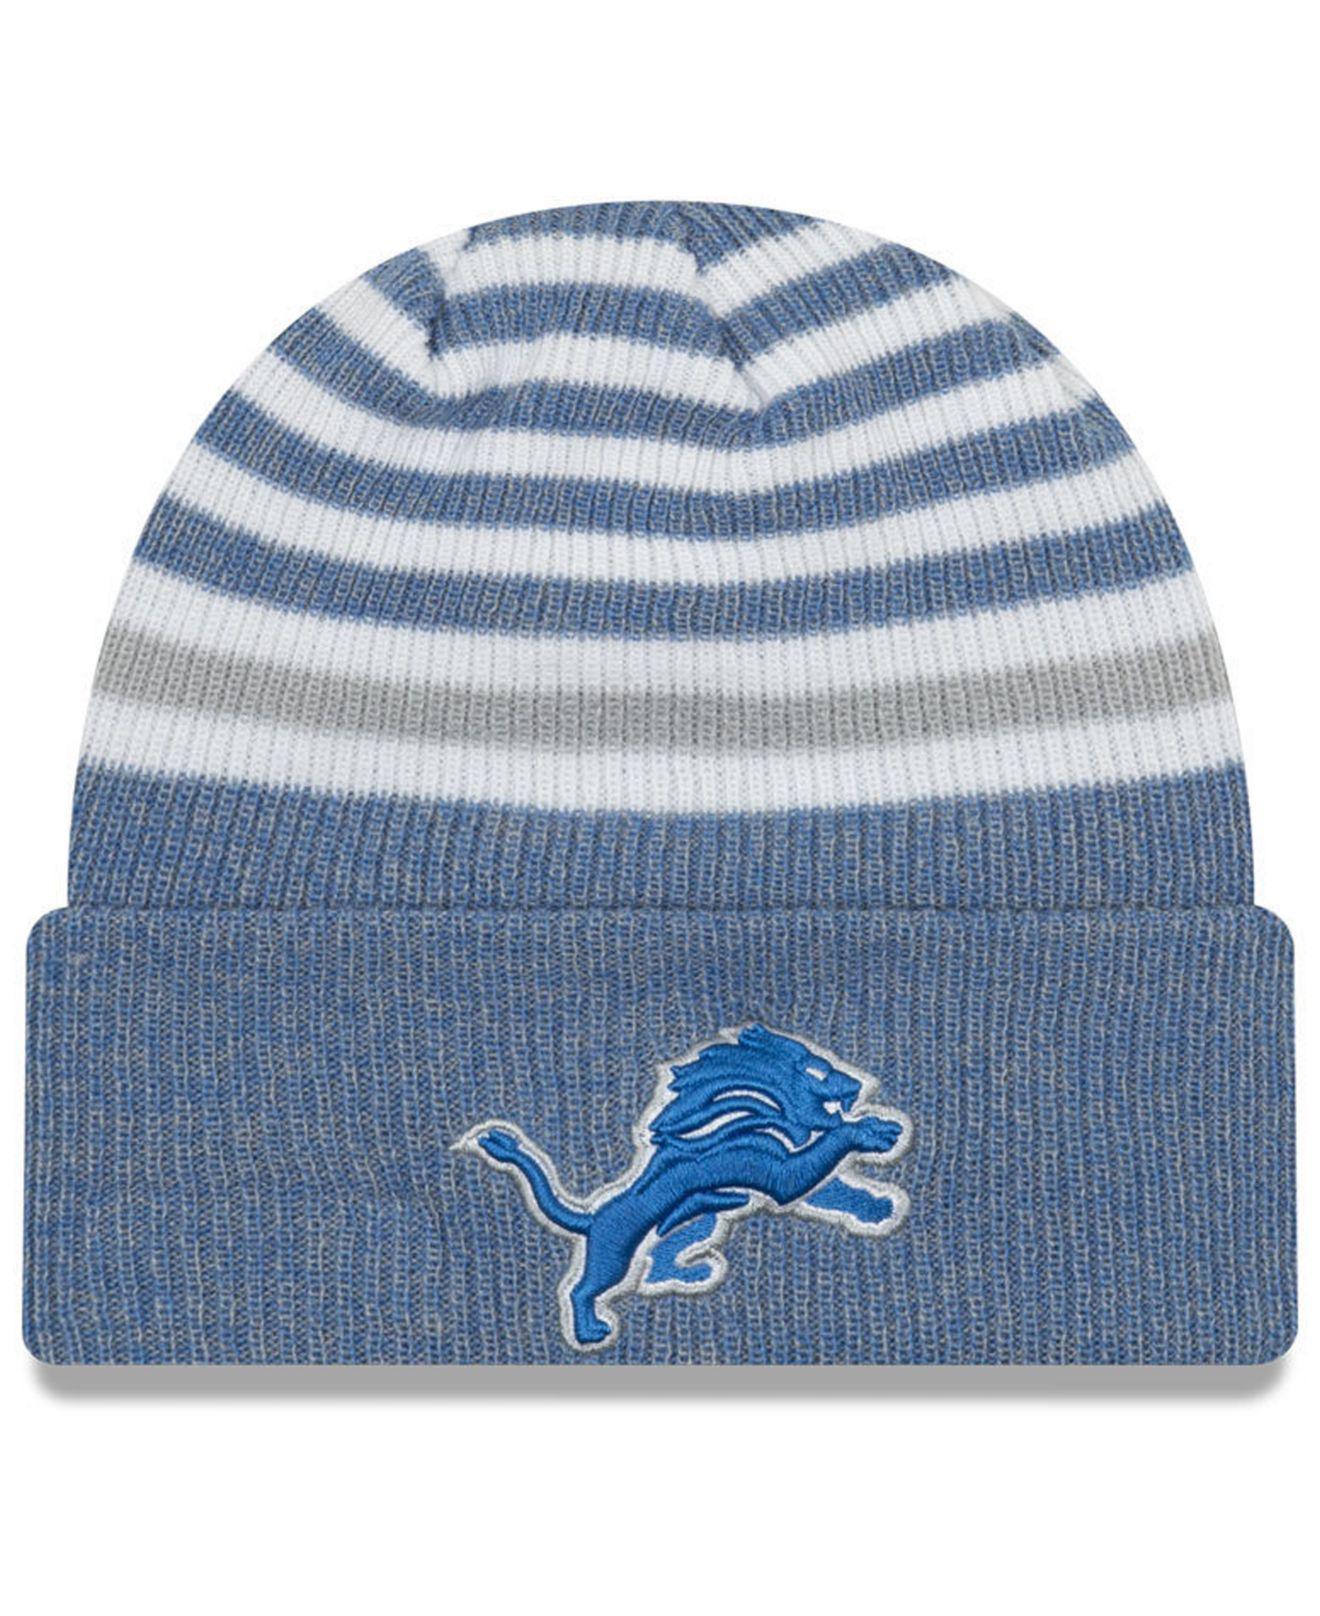 ... best price ktz. womens blue detroit lions striped cuff knit hat 7a492  80516 9d2c2c266